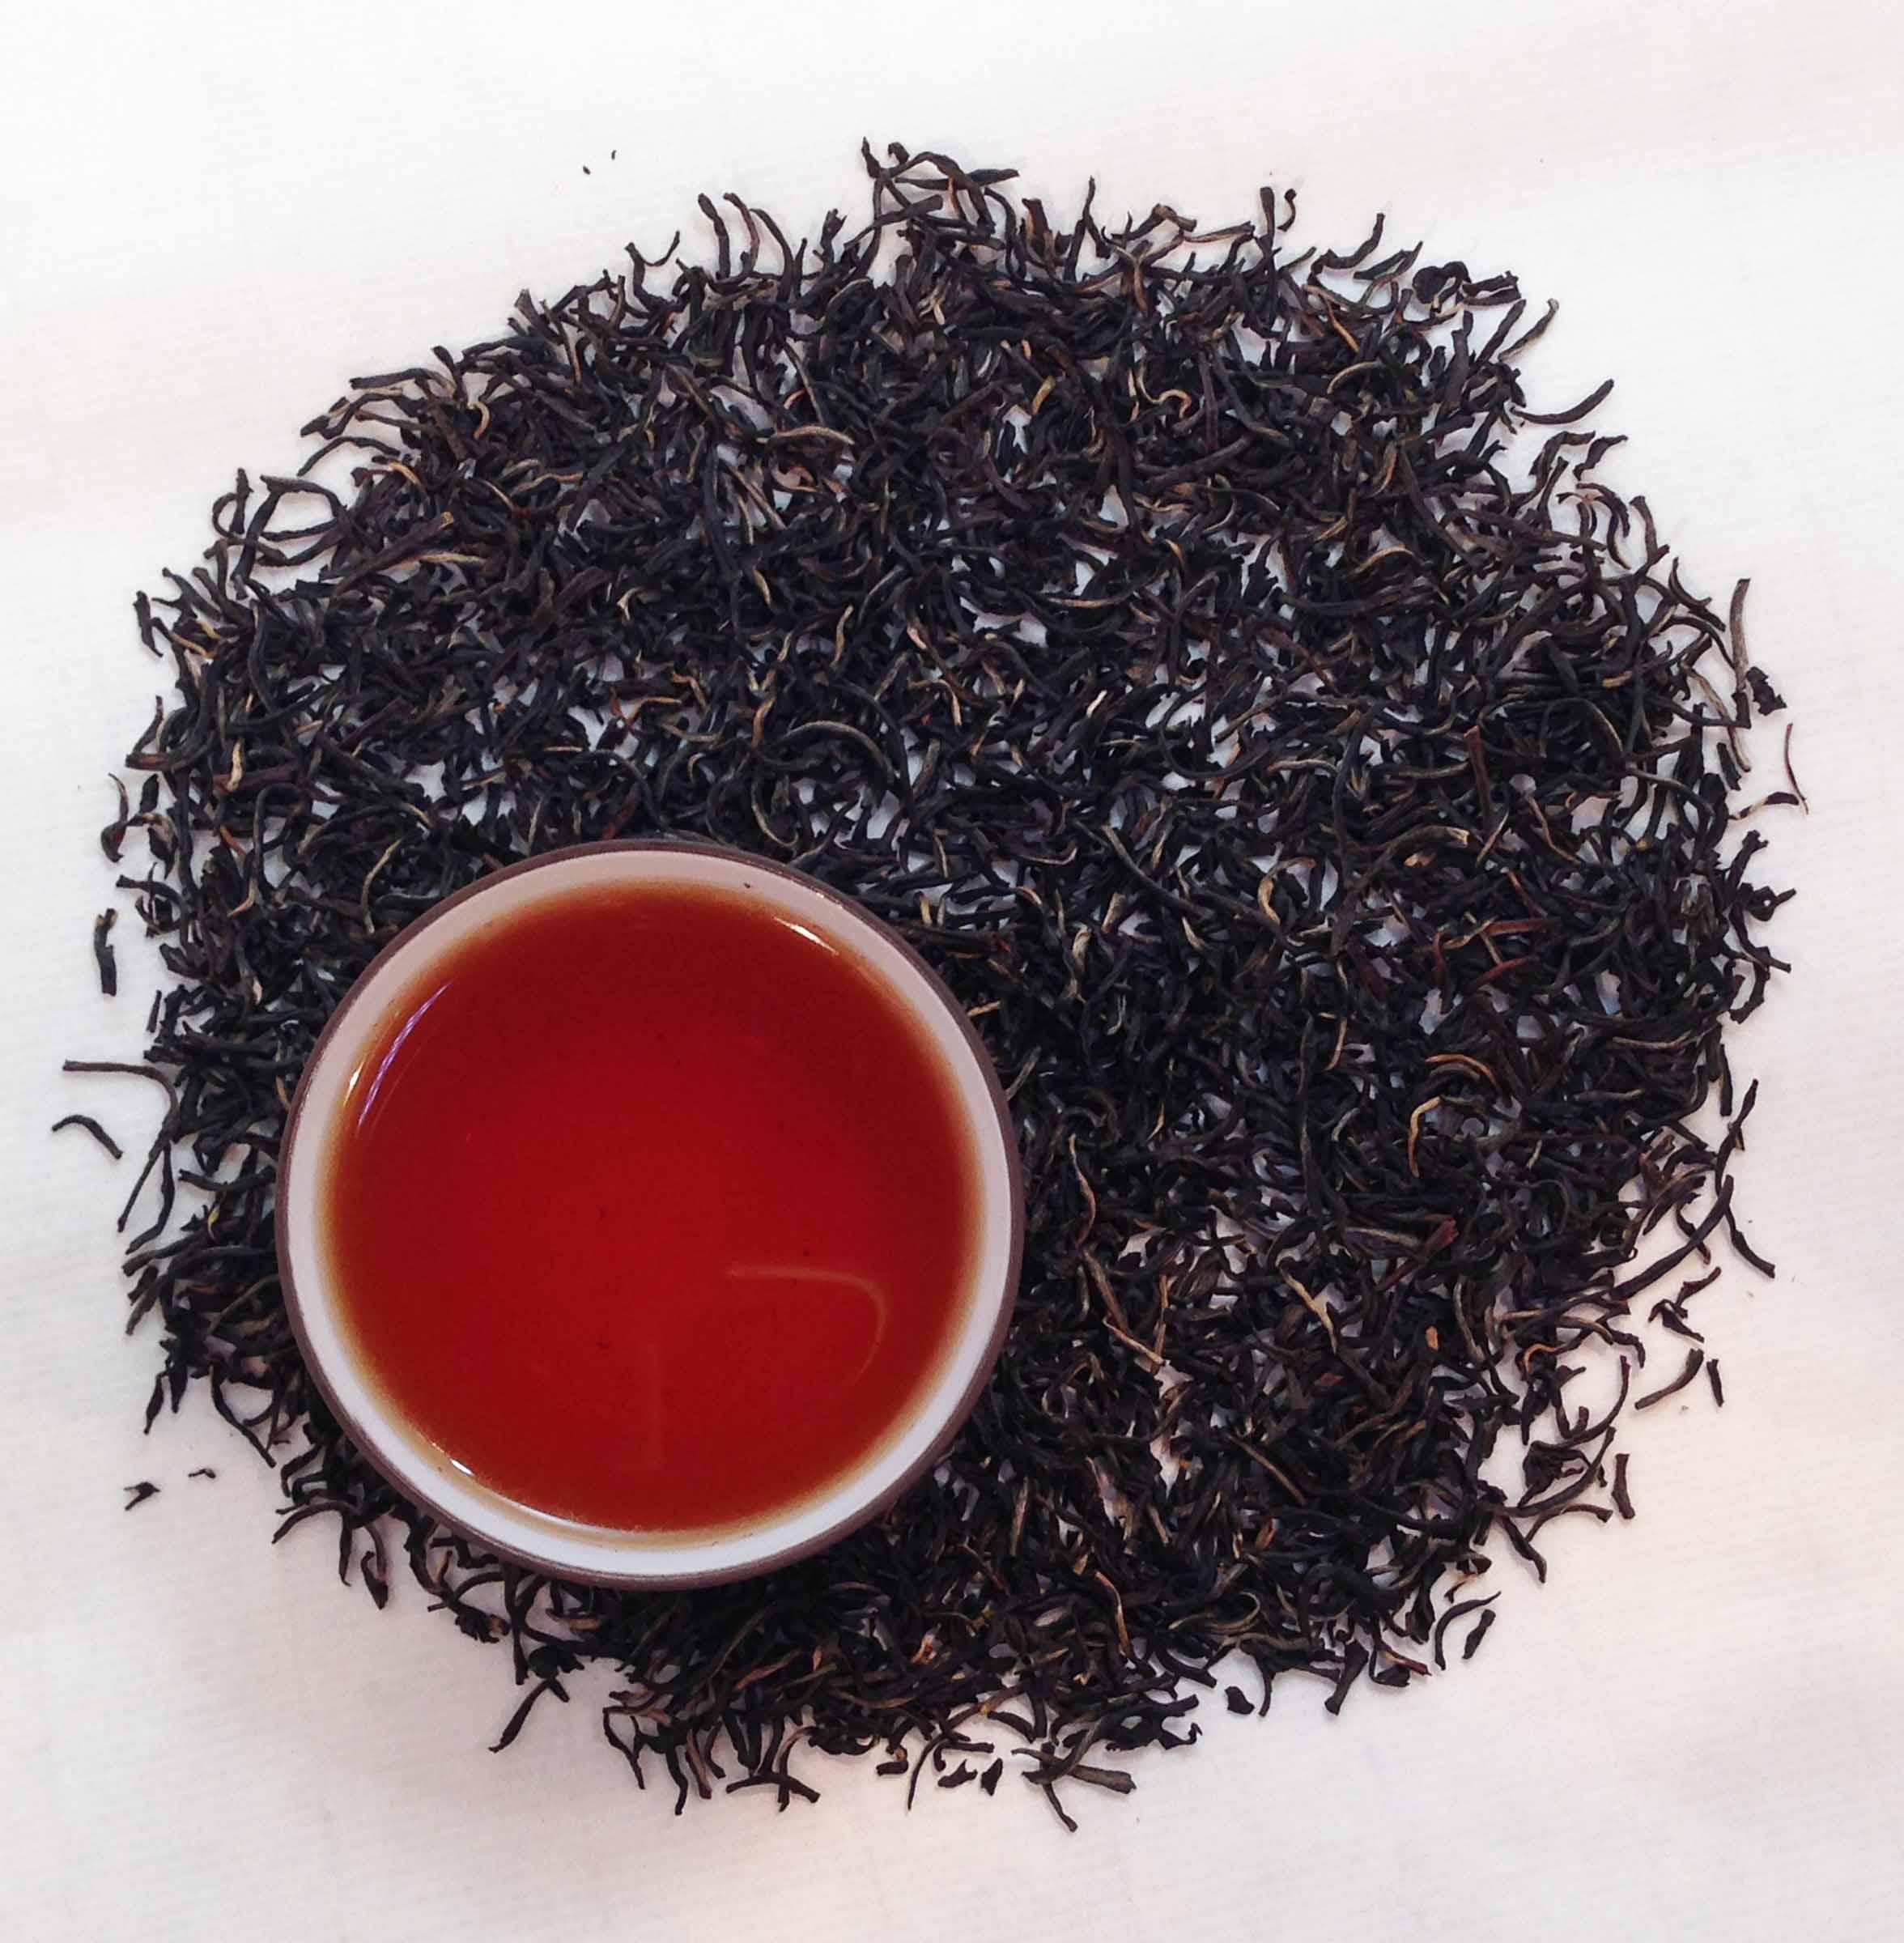 Ceylon Superior Black Tea